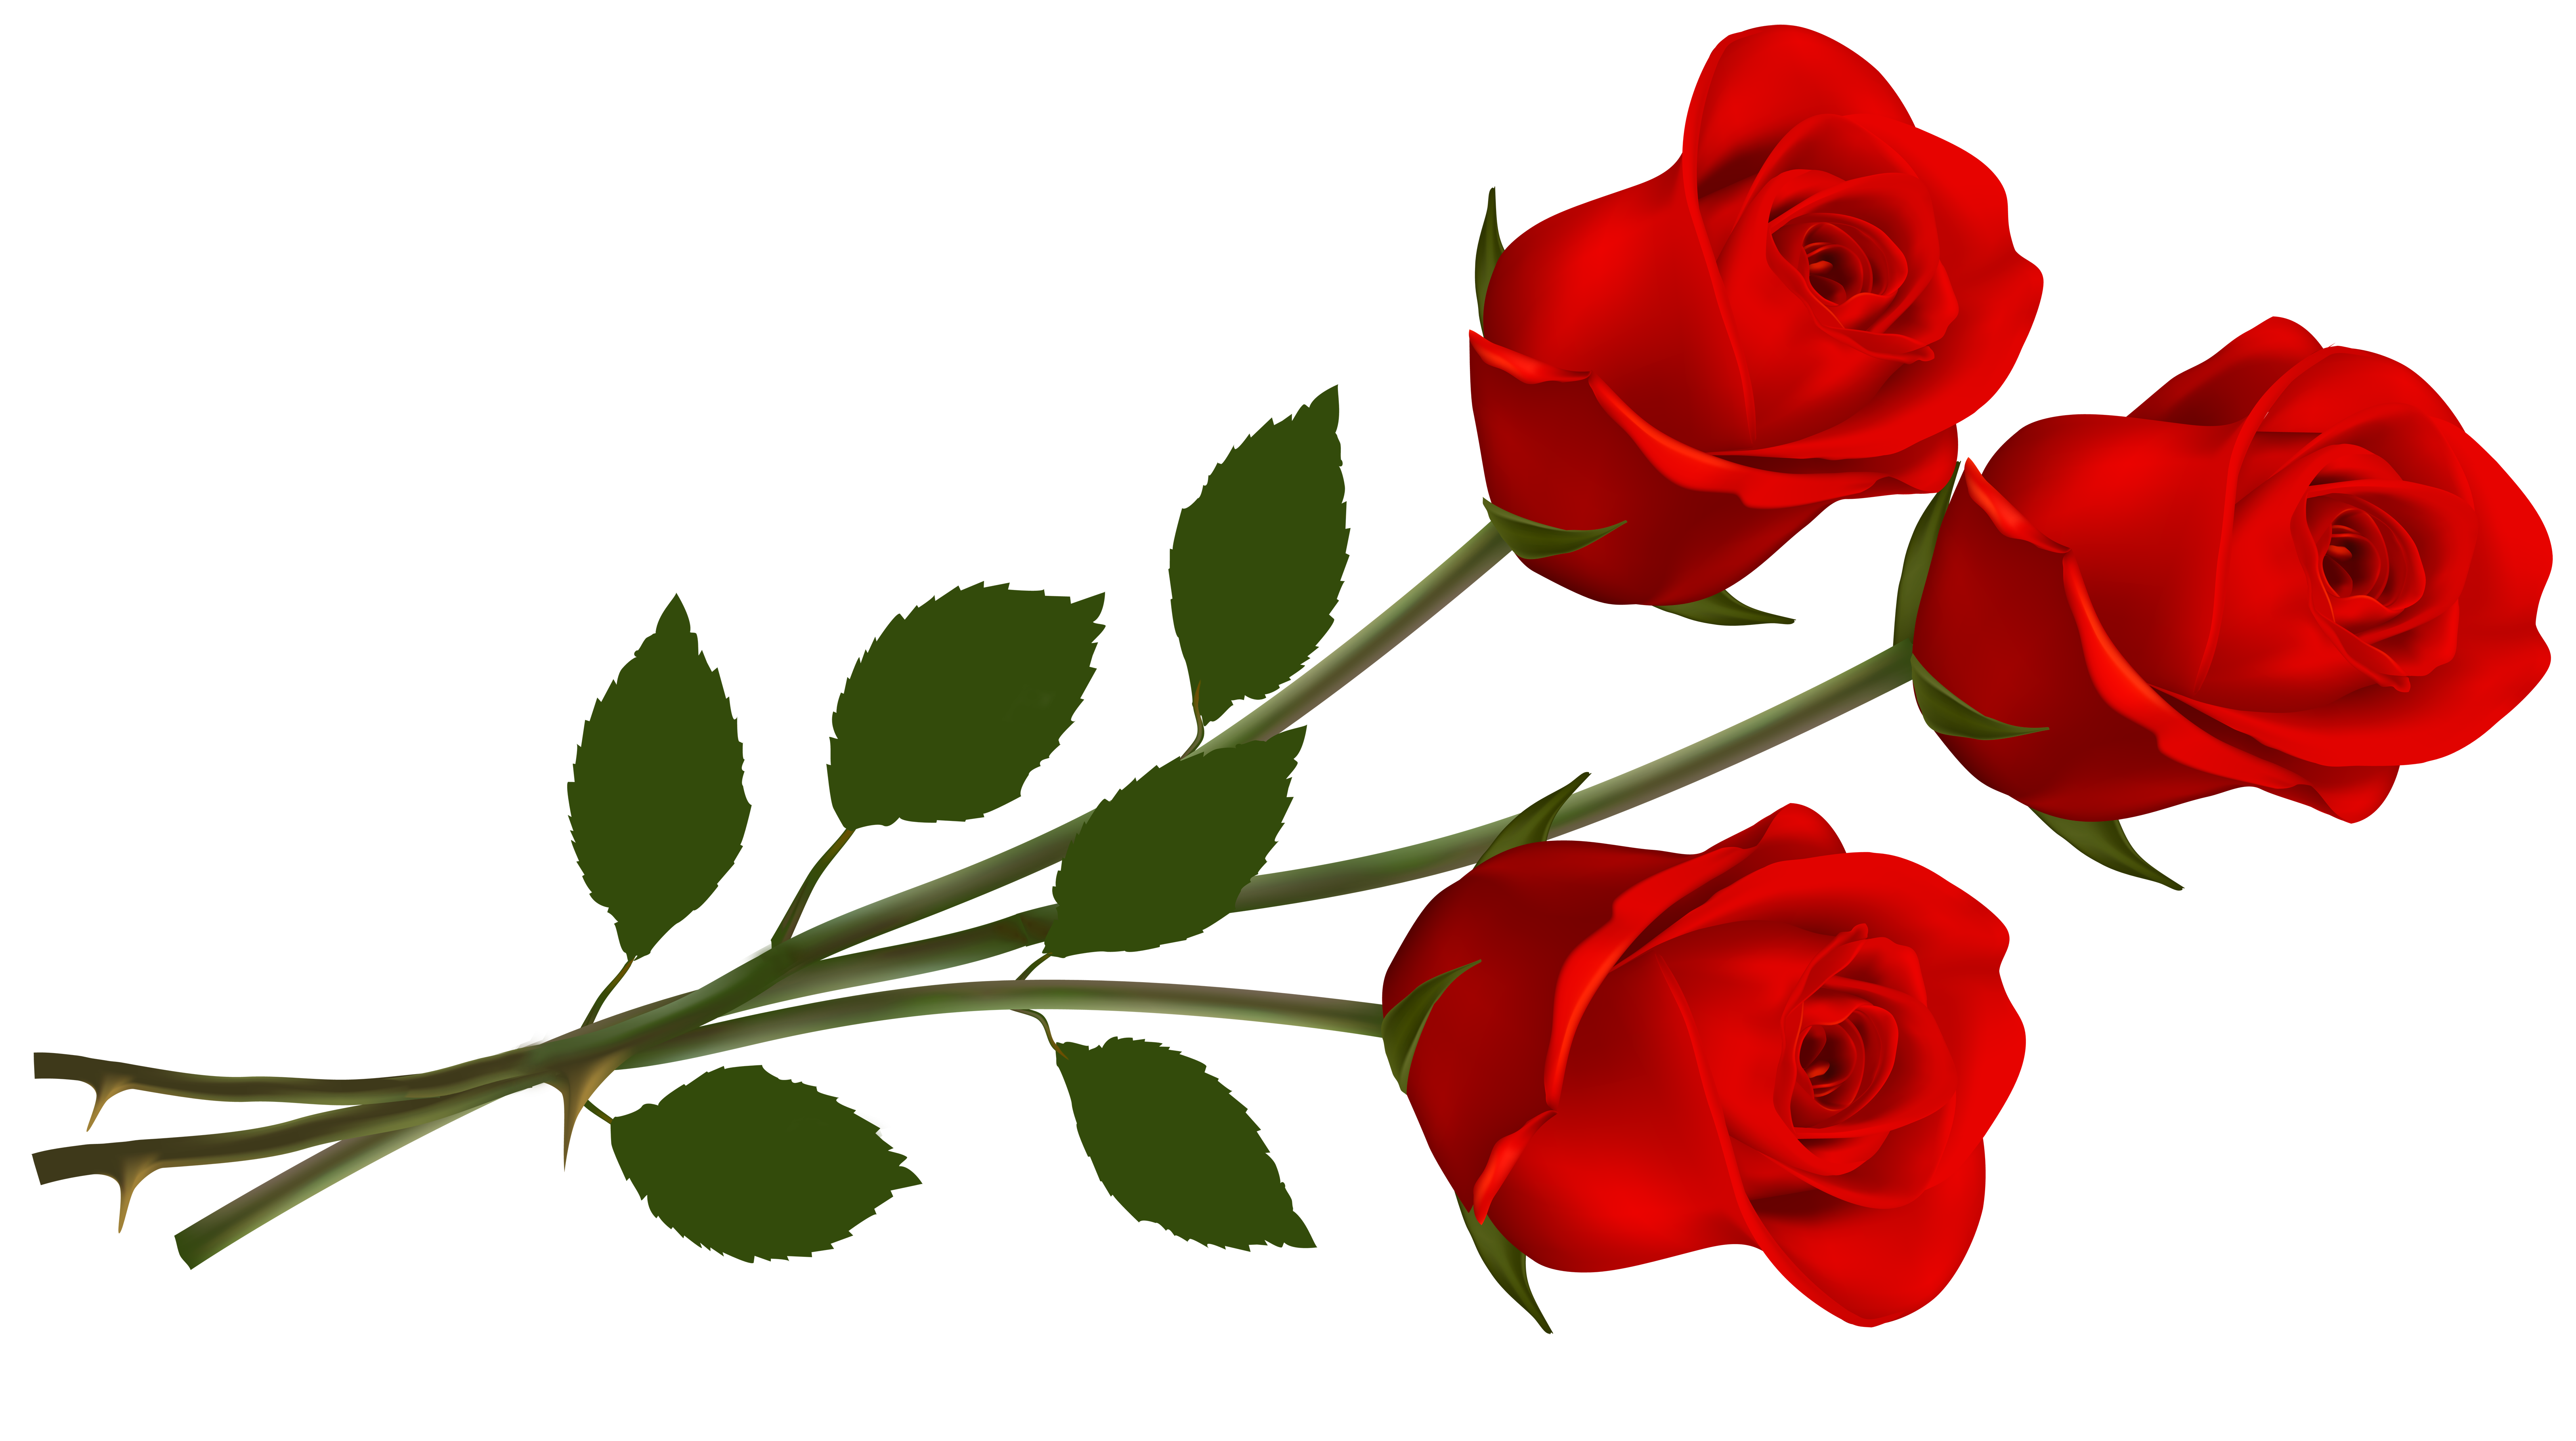 Rose PNG - 12777